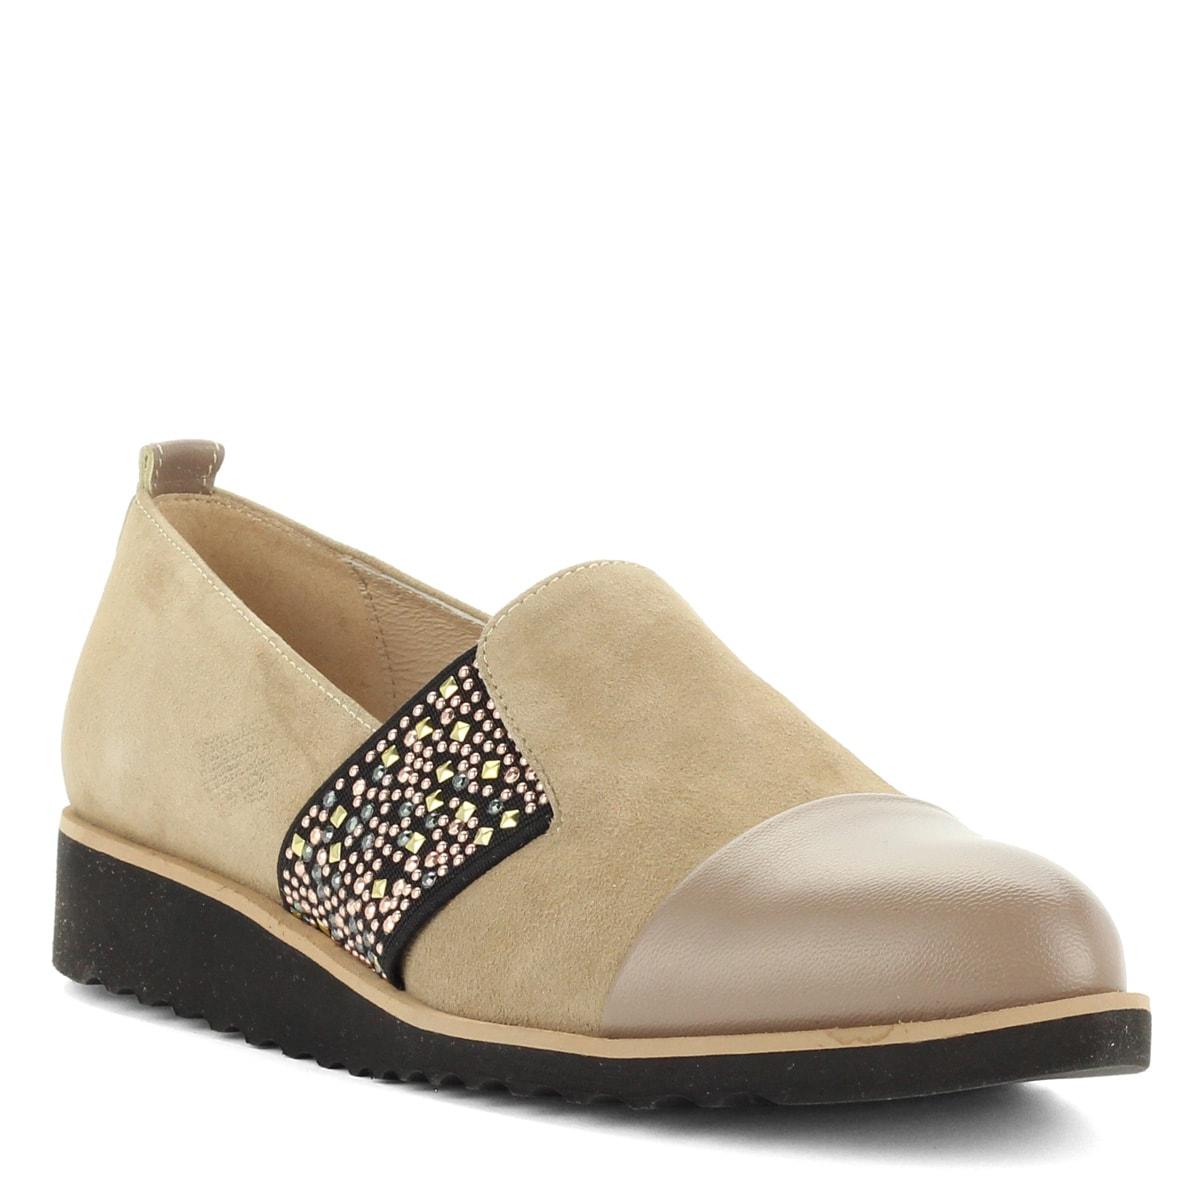 3fbabc0ca6 A cipő · Luca Cavialli belebújós női bőr cipő bézs színben, oldalán  díszített gumi betéttel.